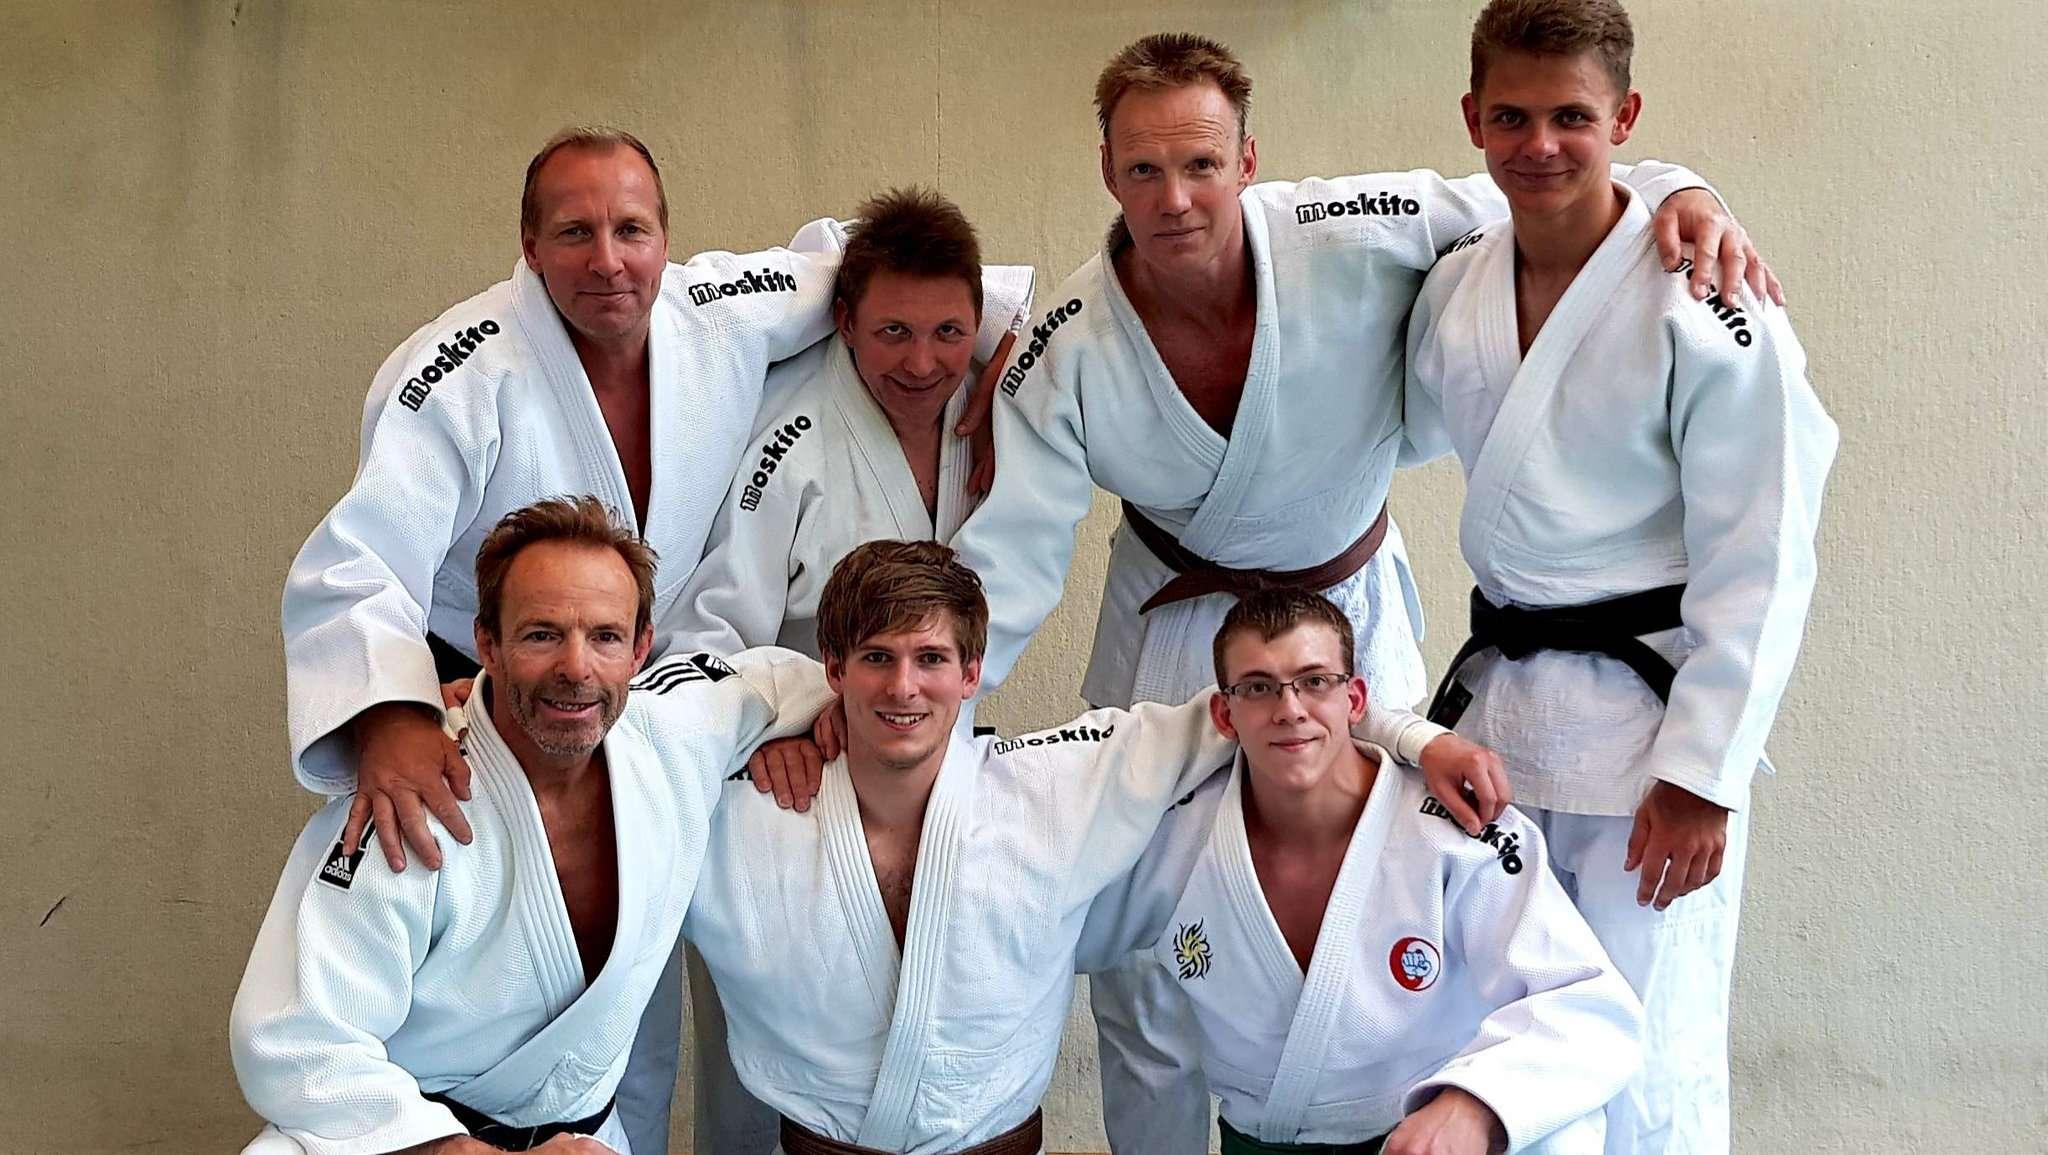 Die Kampfgemeinschaft Enjoy Judo/OT Bremen reiste mit personellen Problemen nach Garbsen zur Niedersachsenliga.